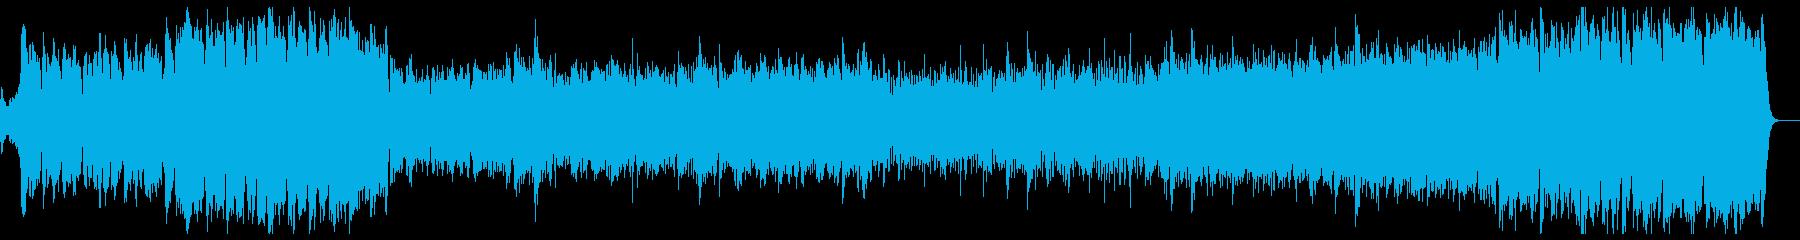 エレガントなファンファーレ&行進曲の再生済みの波形